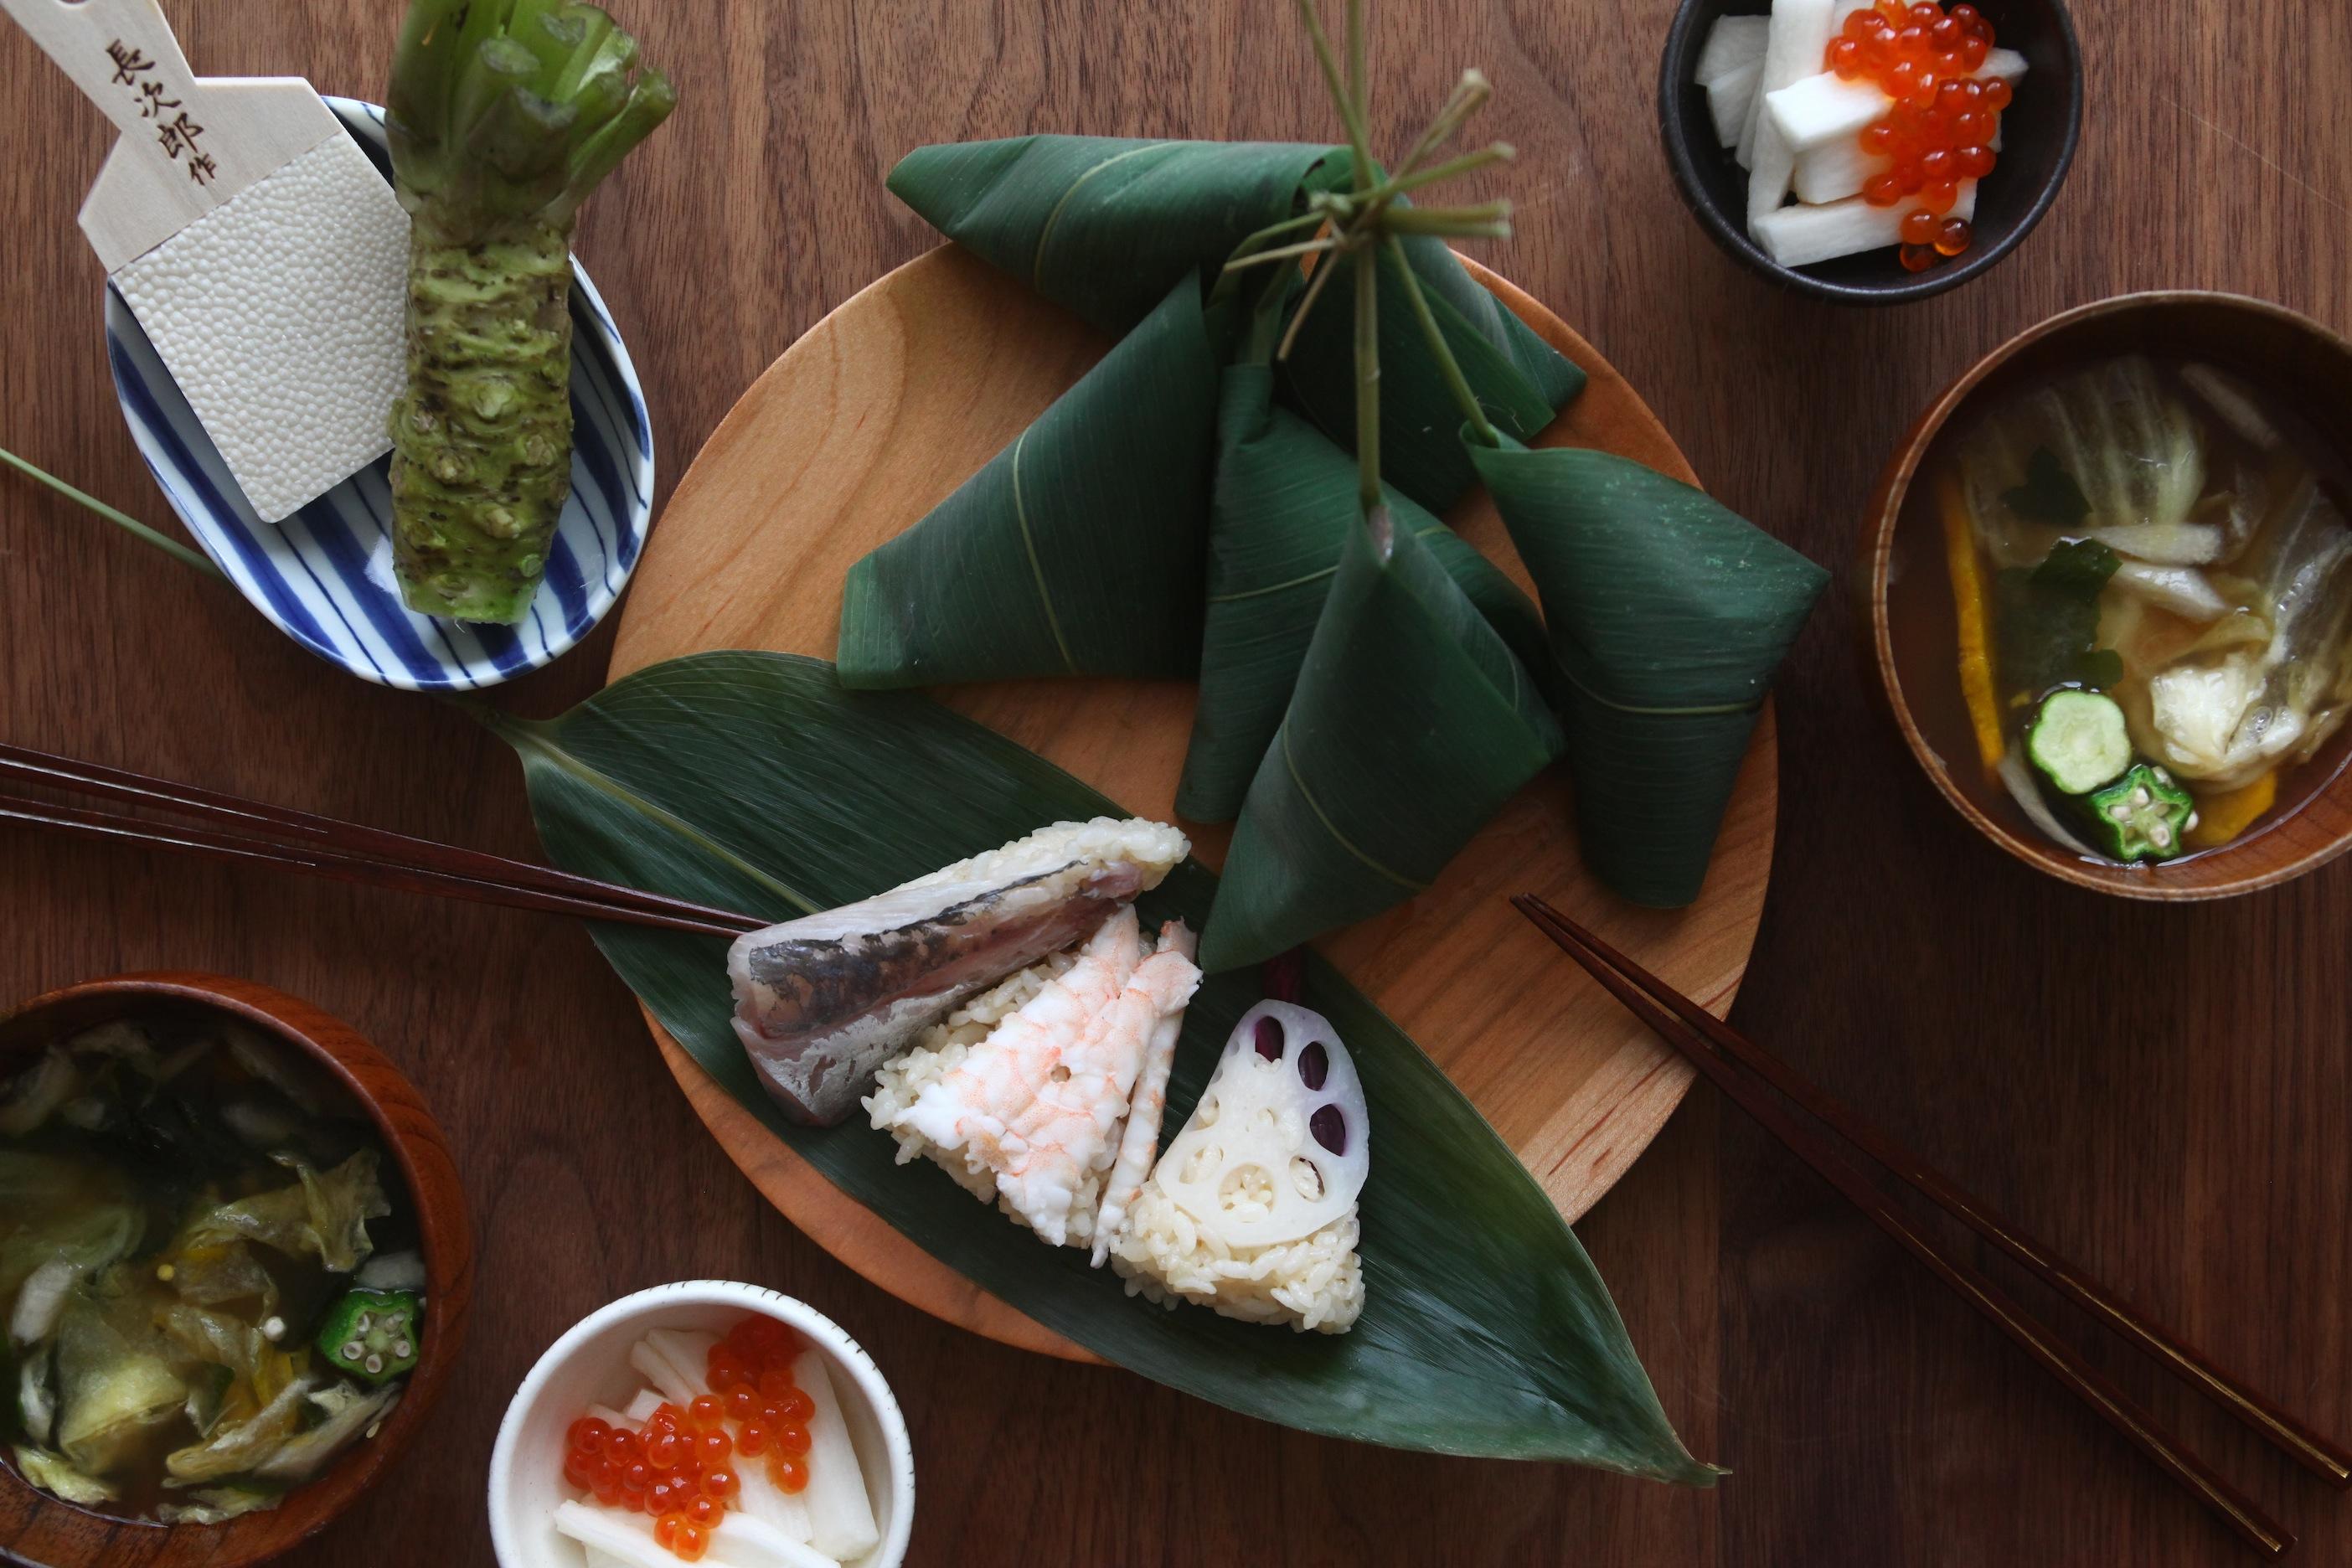 「オトコノキッチン」笹の葉寿司と長芋の浅漬け